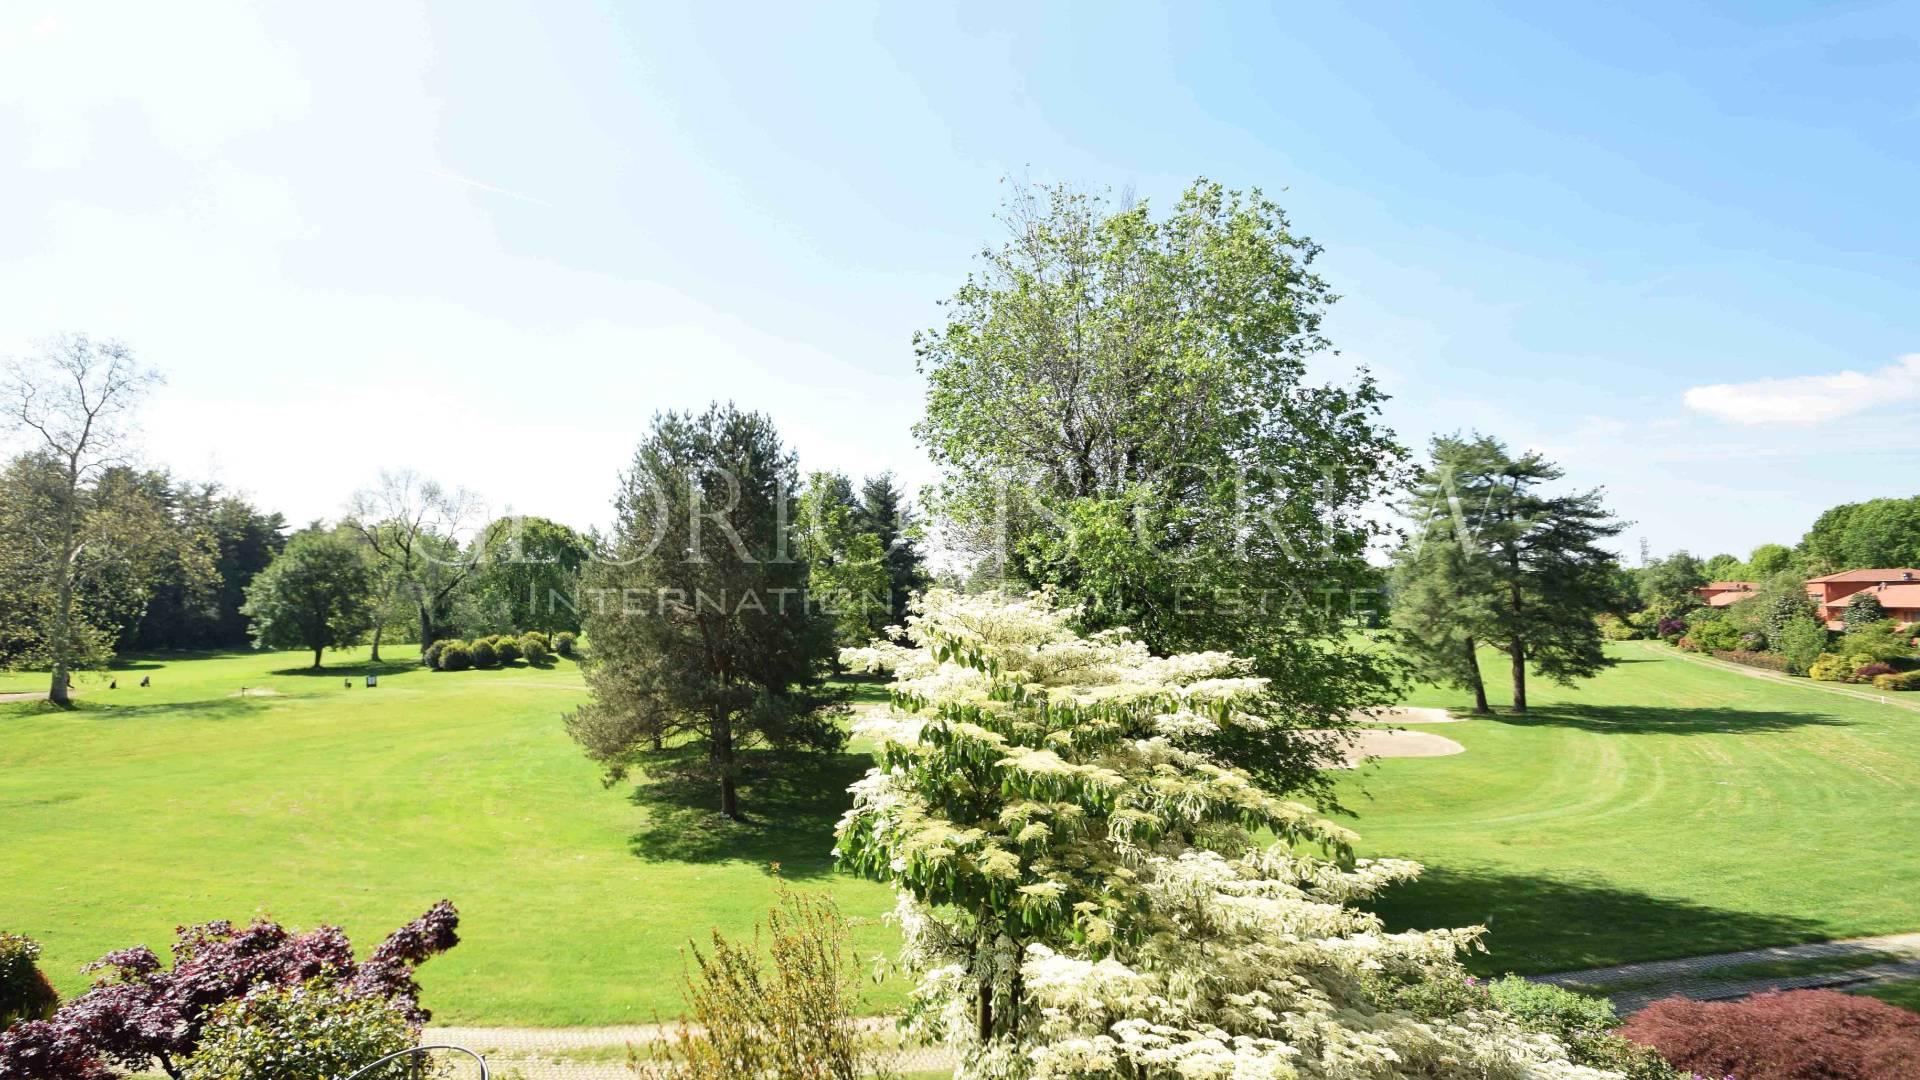 Appartamento in Vendita a Cassina Rizzardi: 4 locali, 155 mq - Foto 2